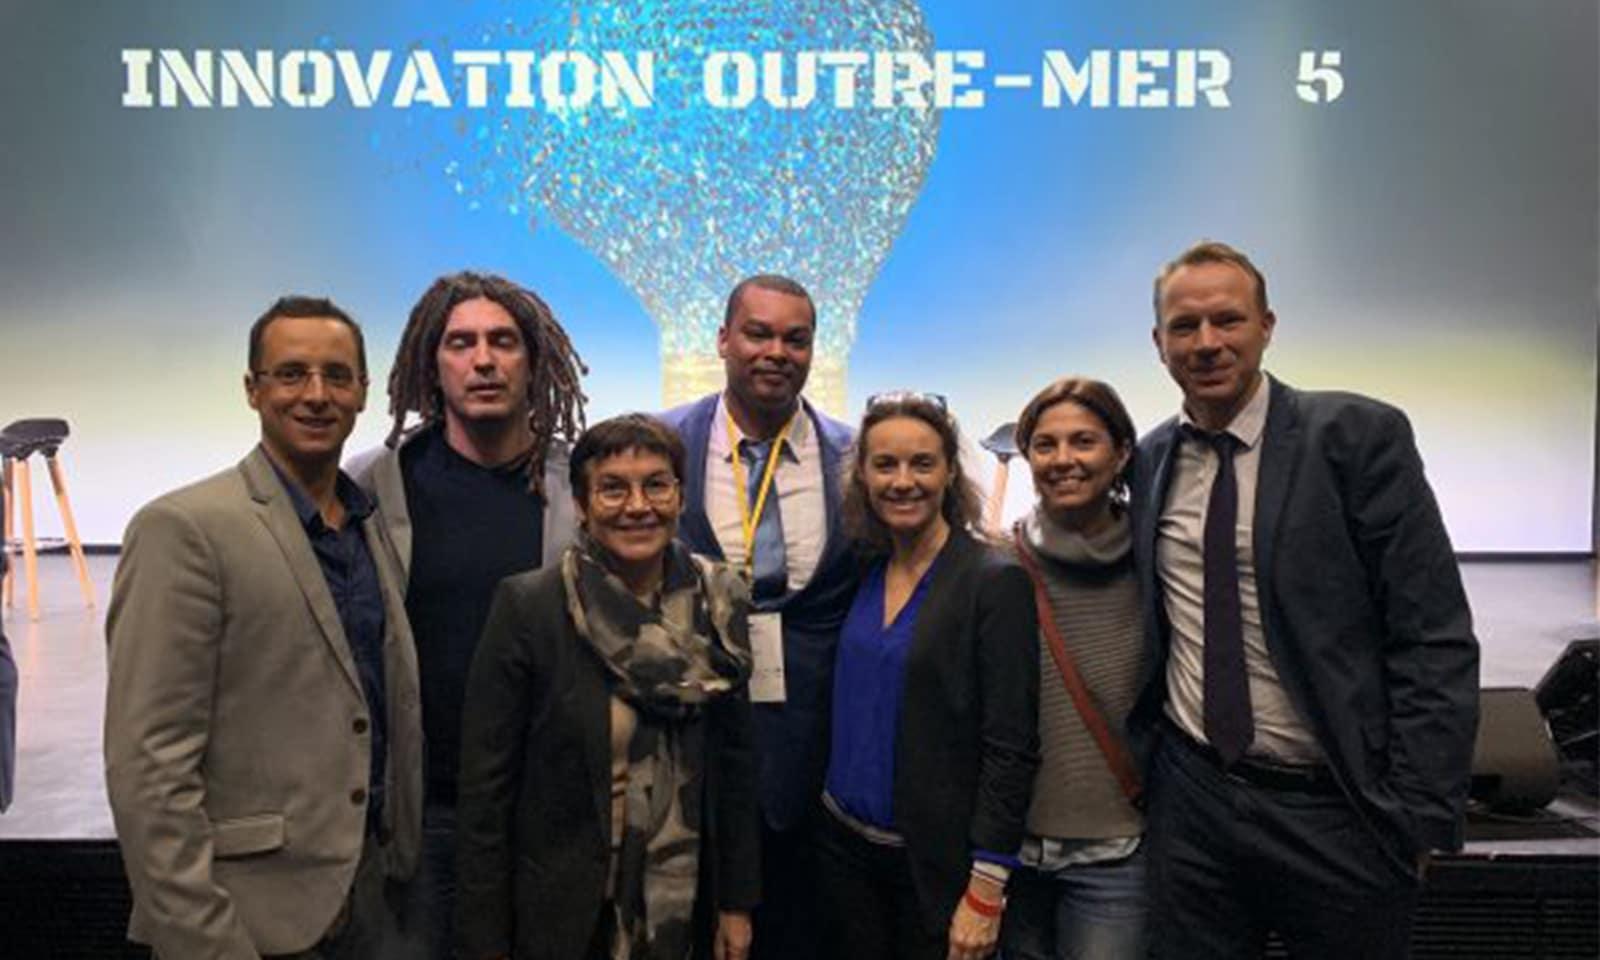 Innovation Outre-mer : La Réunion lé la